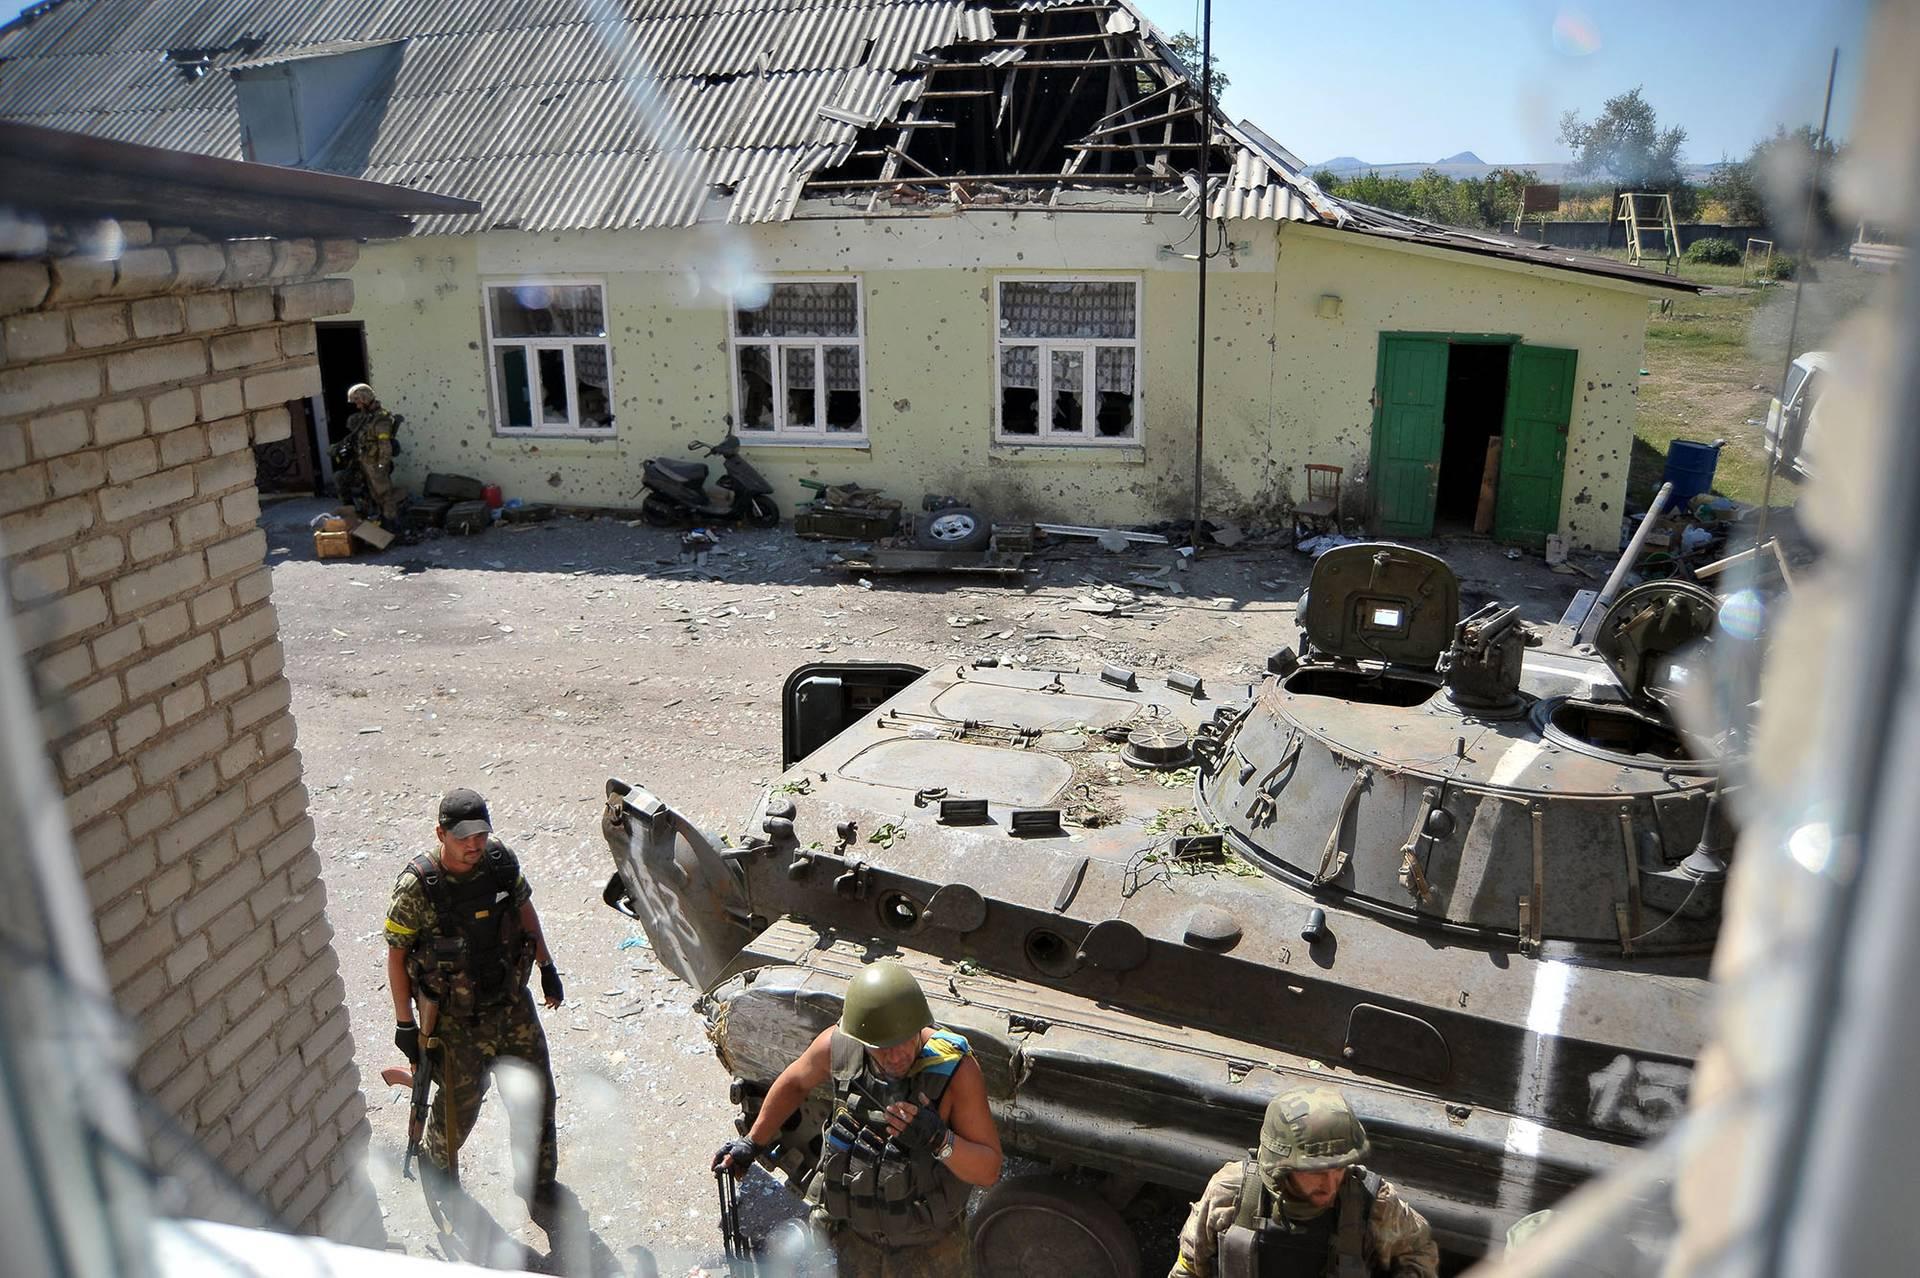 Бійці добровольчого батальйону «Донбас» на шкільному подвір'ї в оточеному російськими військовими Іловайську в 50 км від Донецька, 26 серпня 2014 року